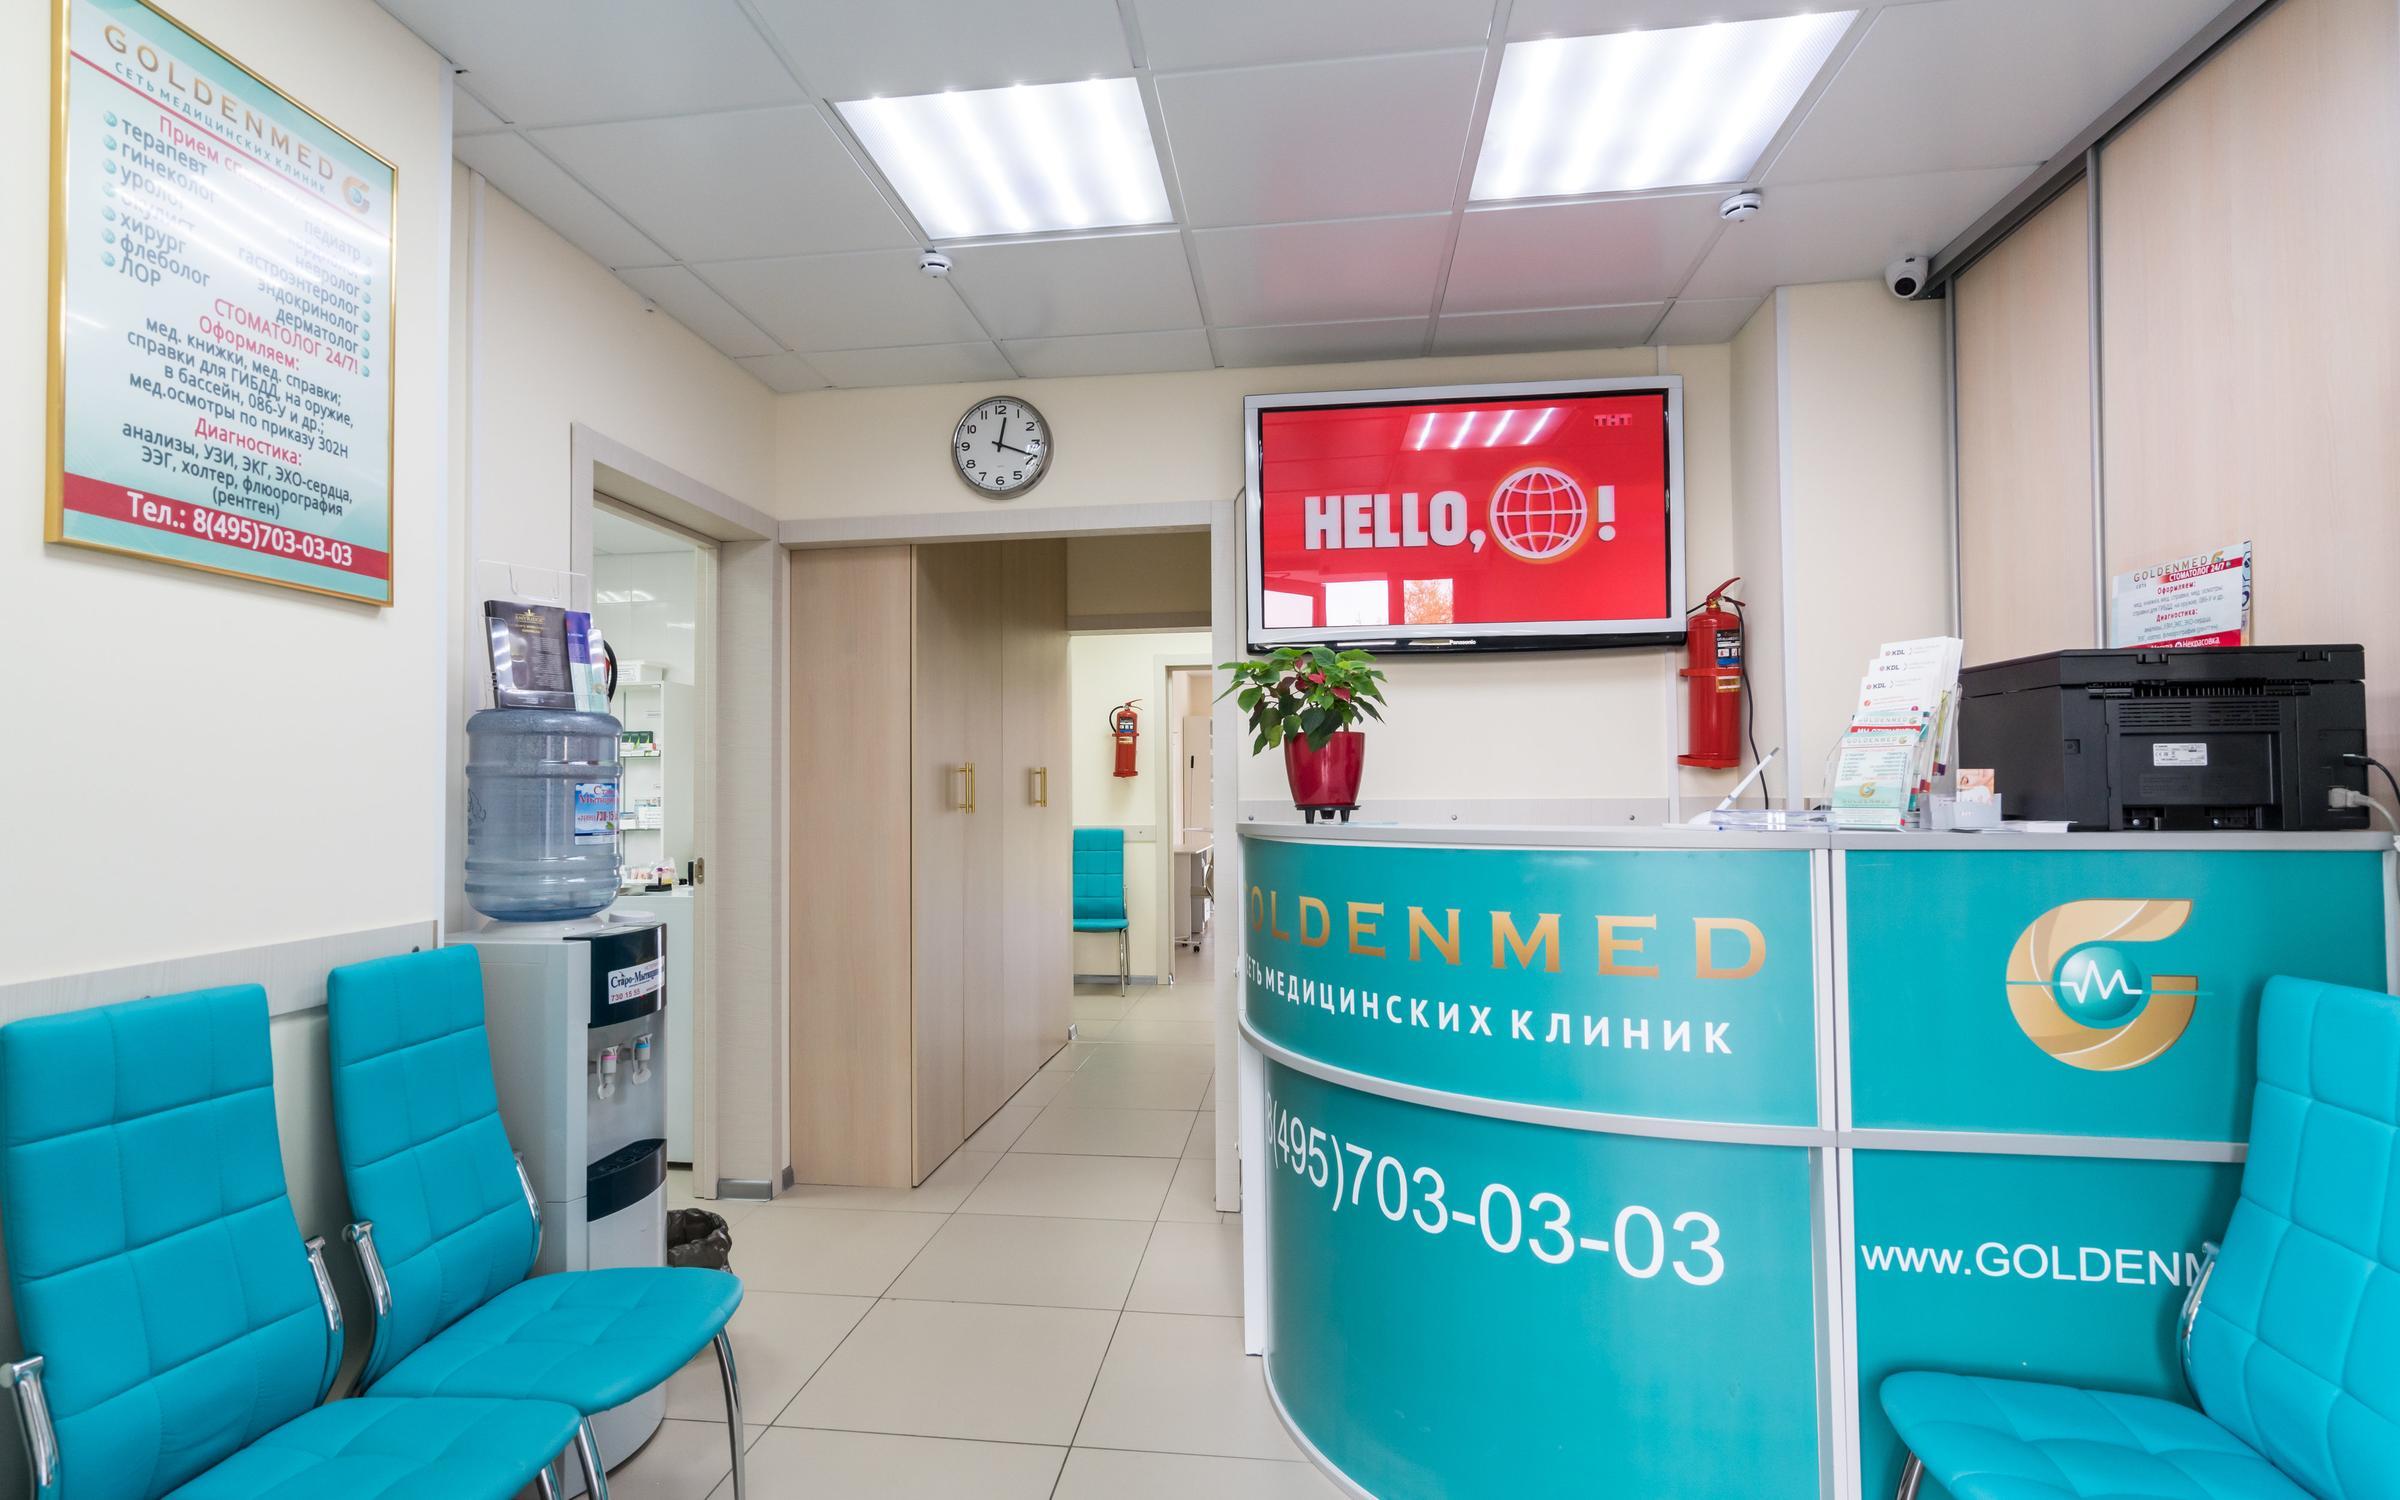 фотография Медицинской клиники GoldenMed в Некрасовке